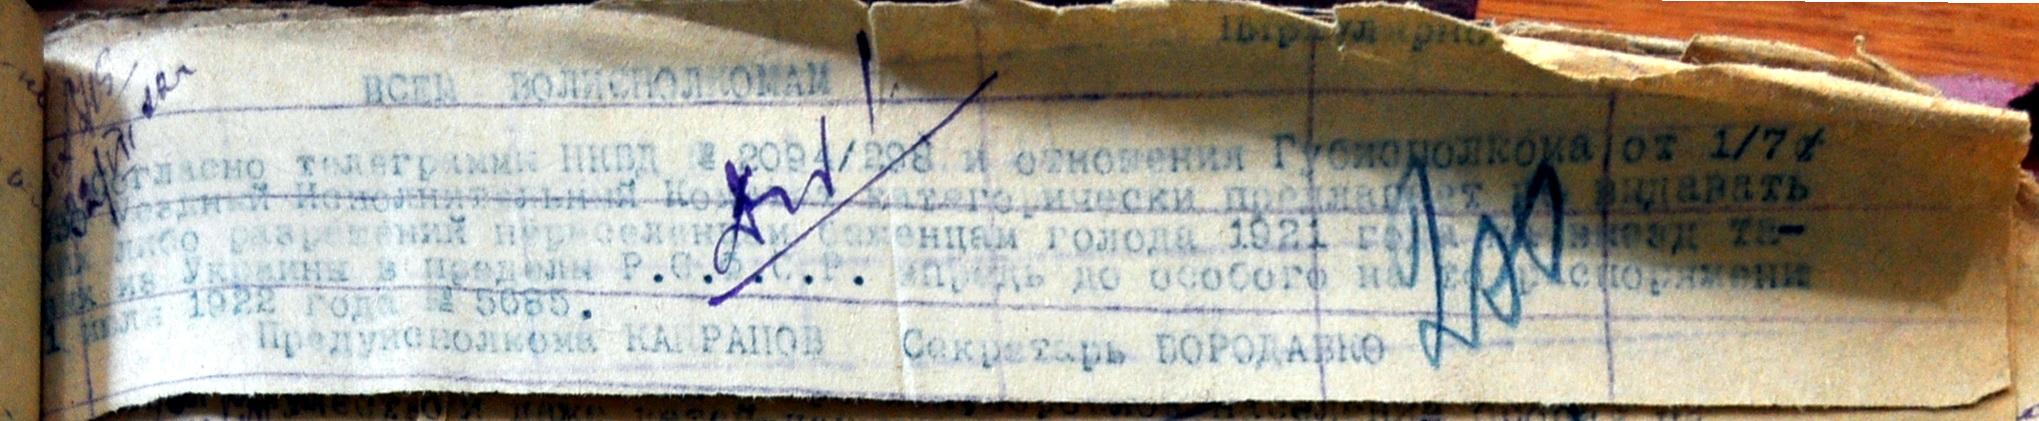 http://images.vfl.ru/ii/1514183416/2e198fd5/19908789.jpg